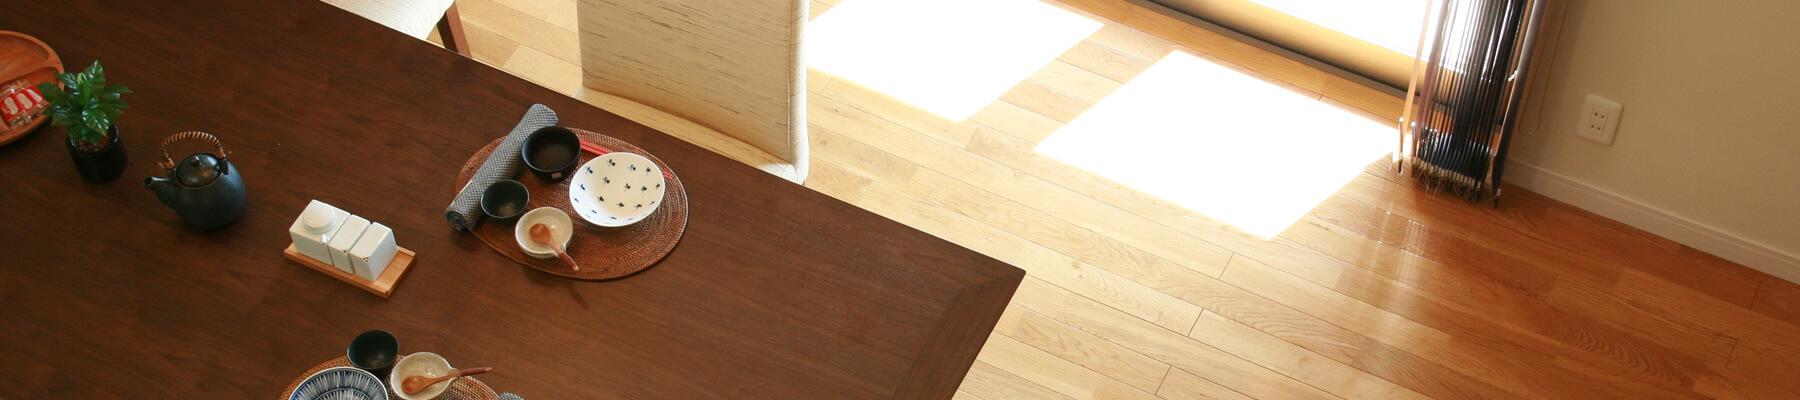 |安水建設|愛知県三河エリアの木造注文住宅・リフォーム